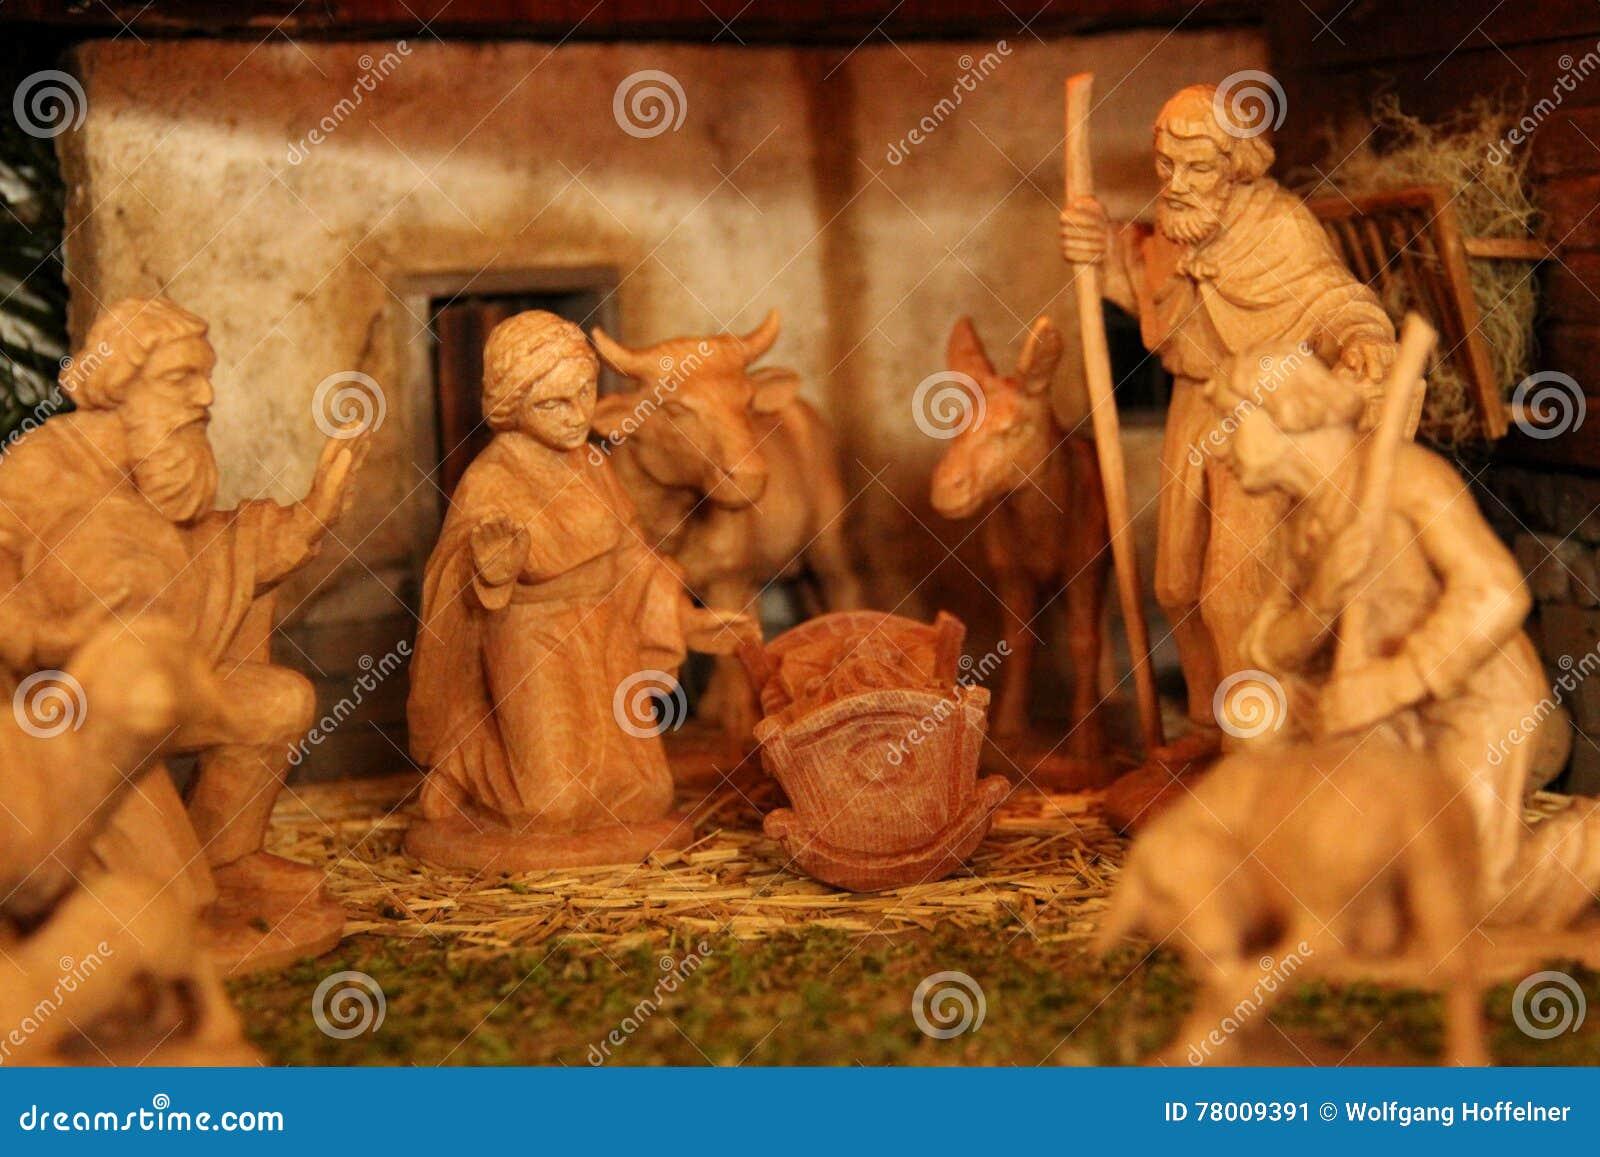 基督圣诞节小儿床耶稣・约瑟夫・玛丽诞生场面